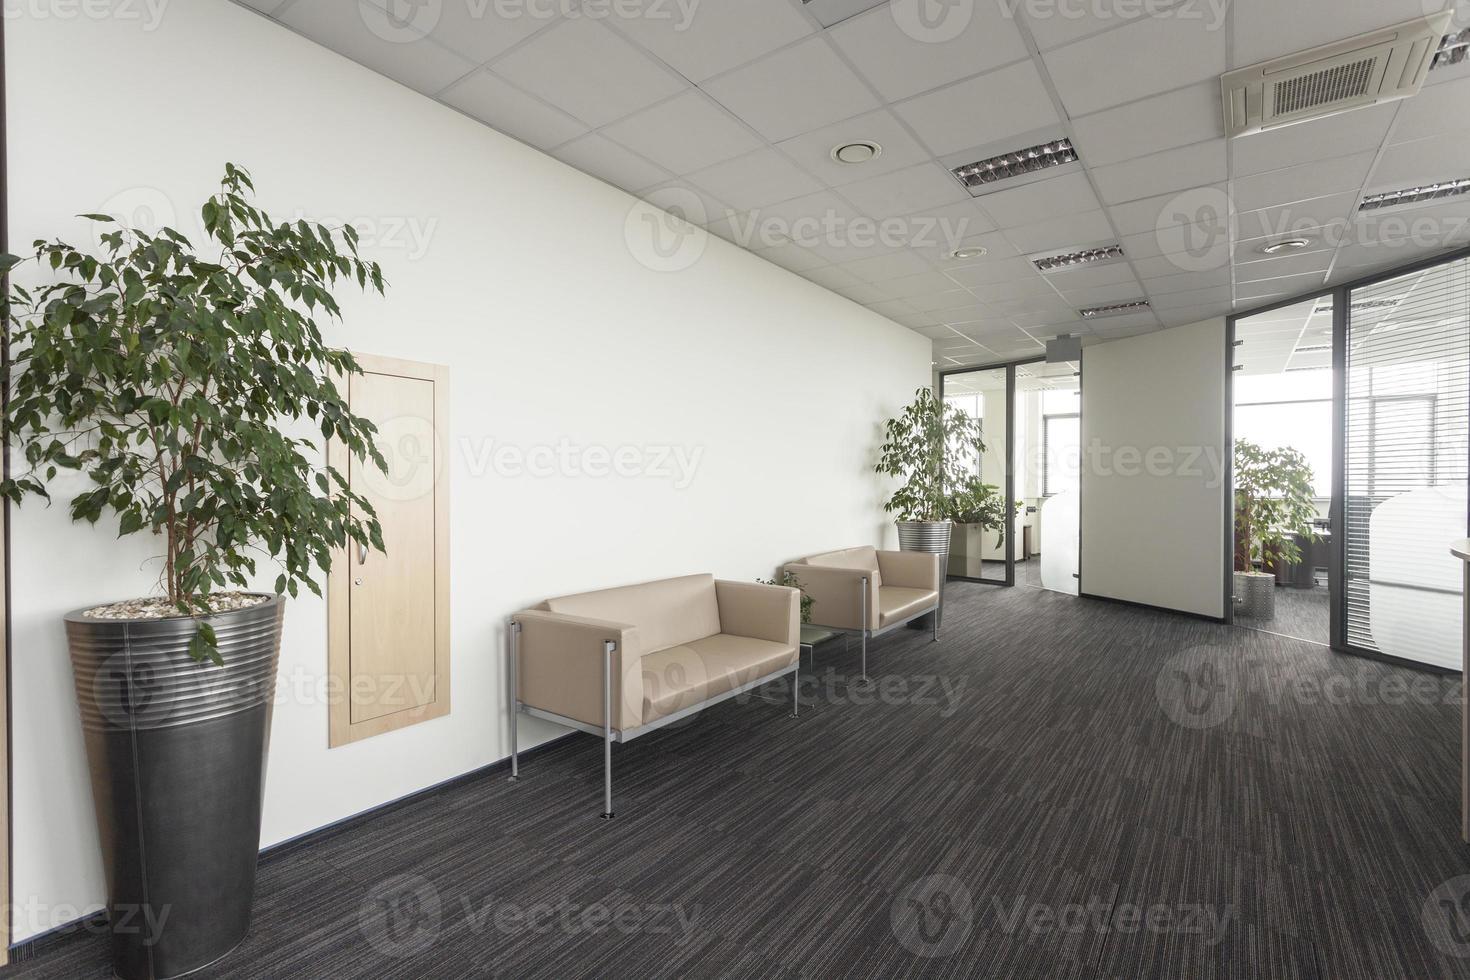 een grote kantoorruimte met een modern interieur en banken foto